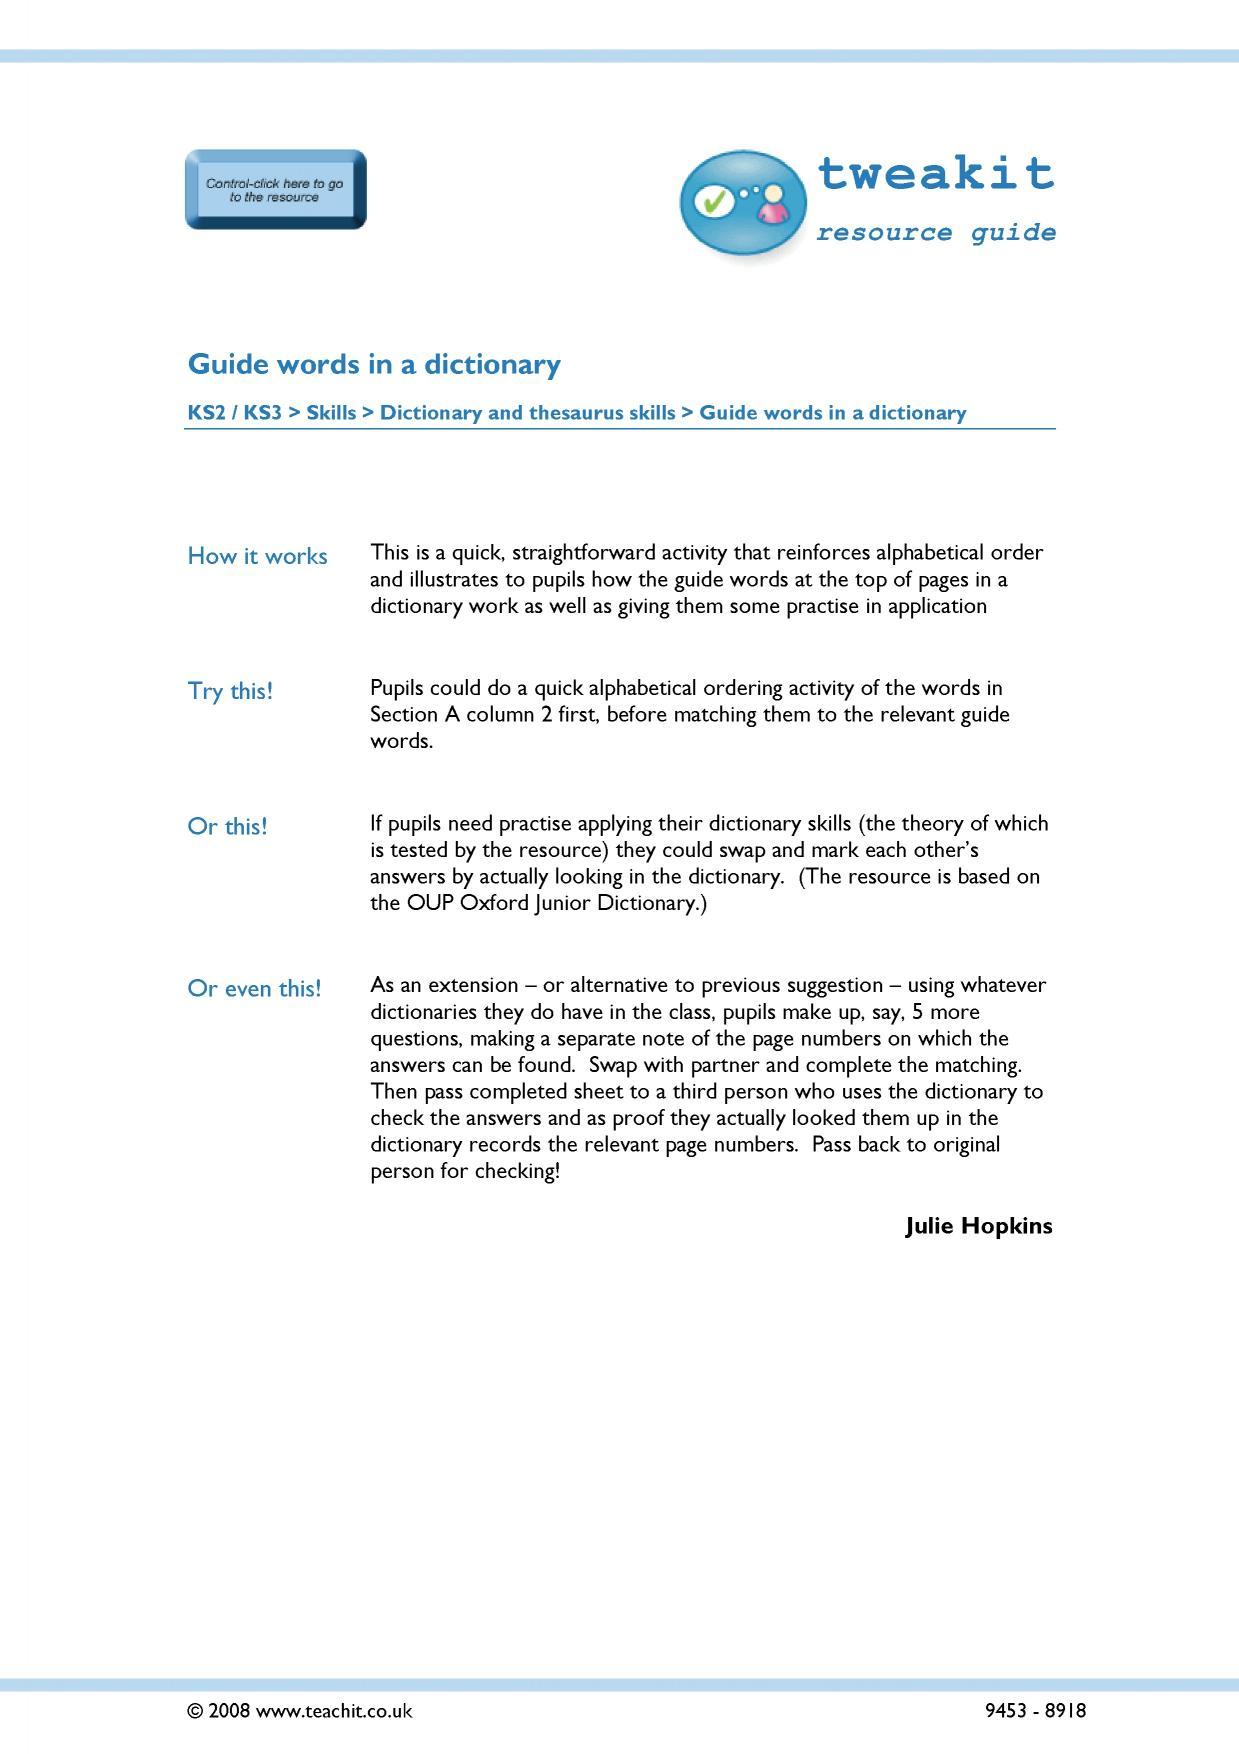 essay questions caliban